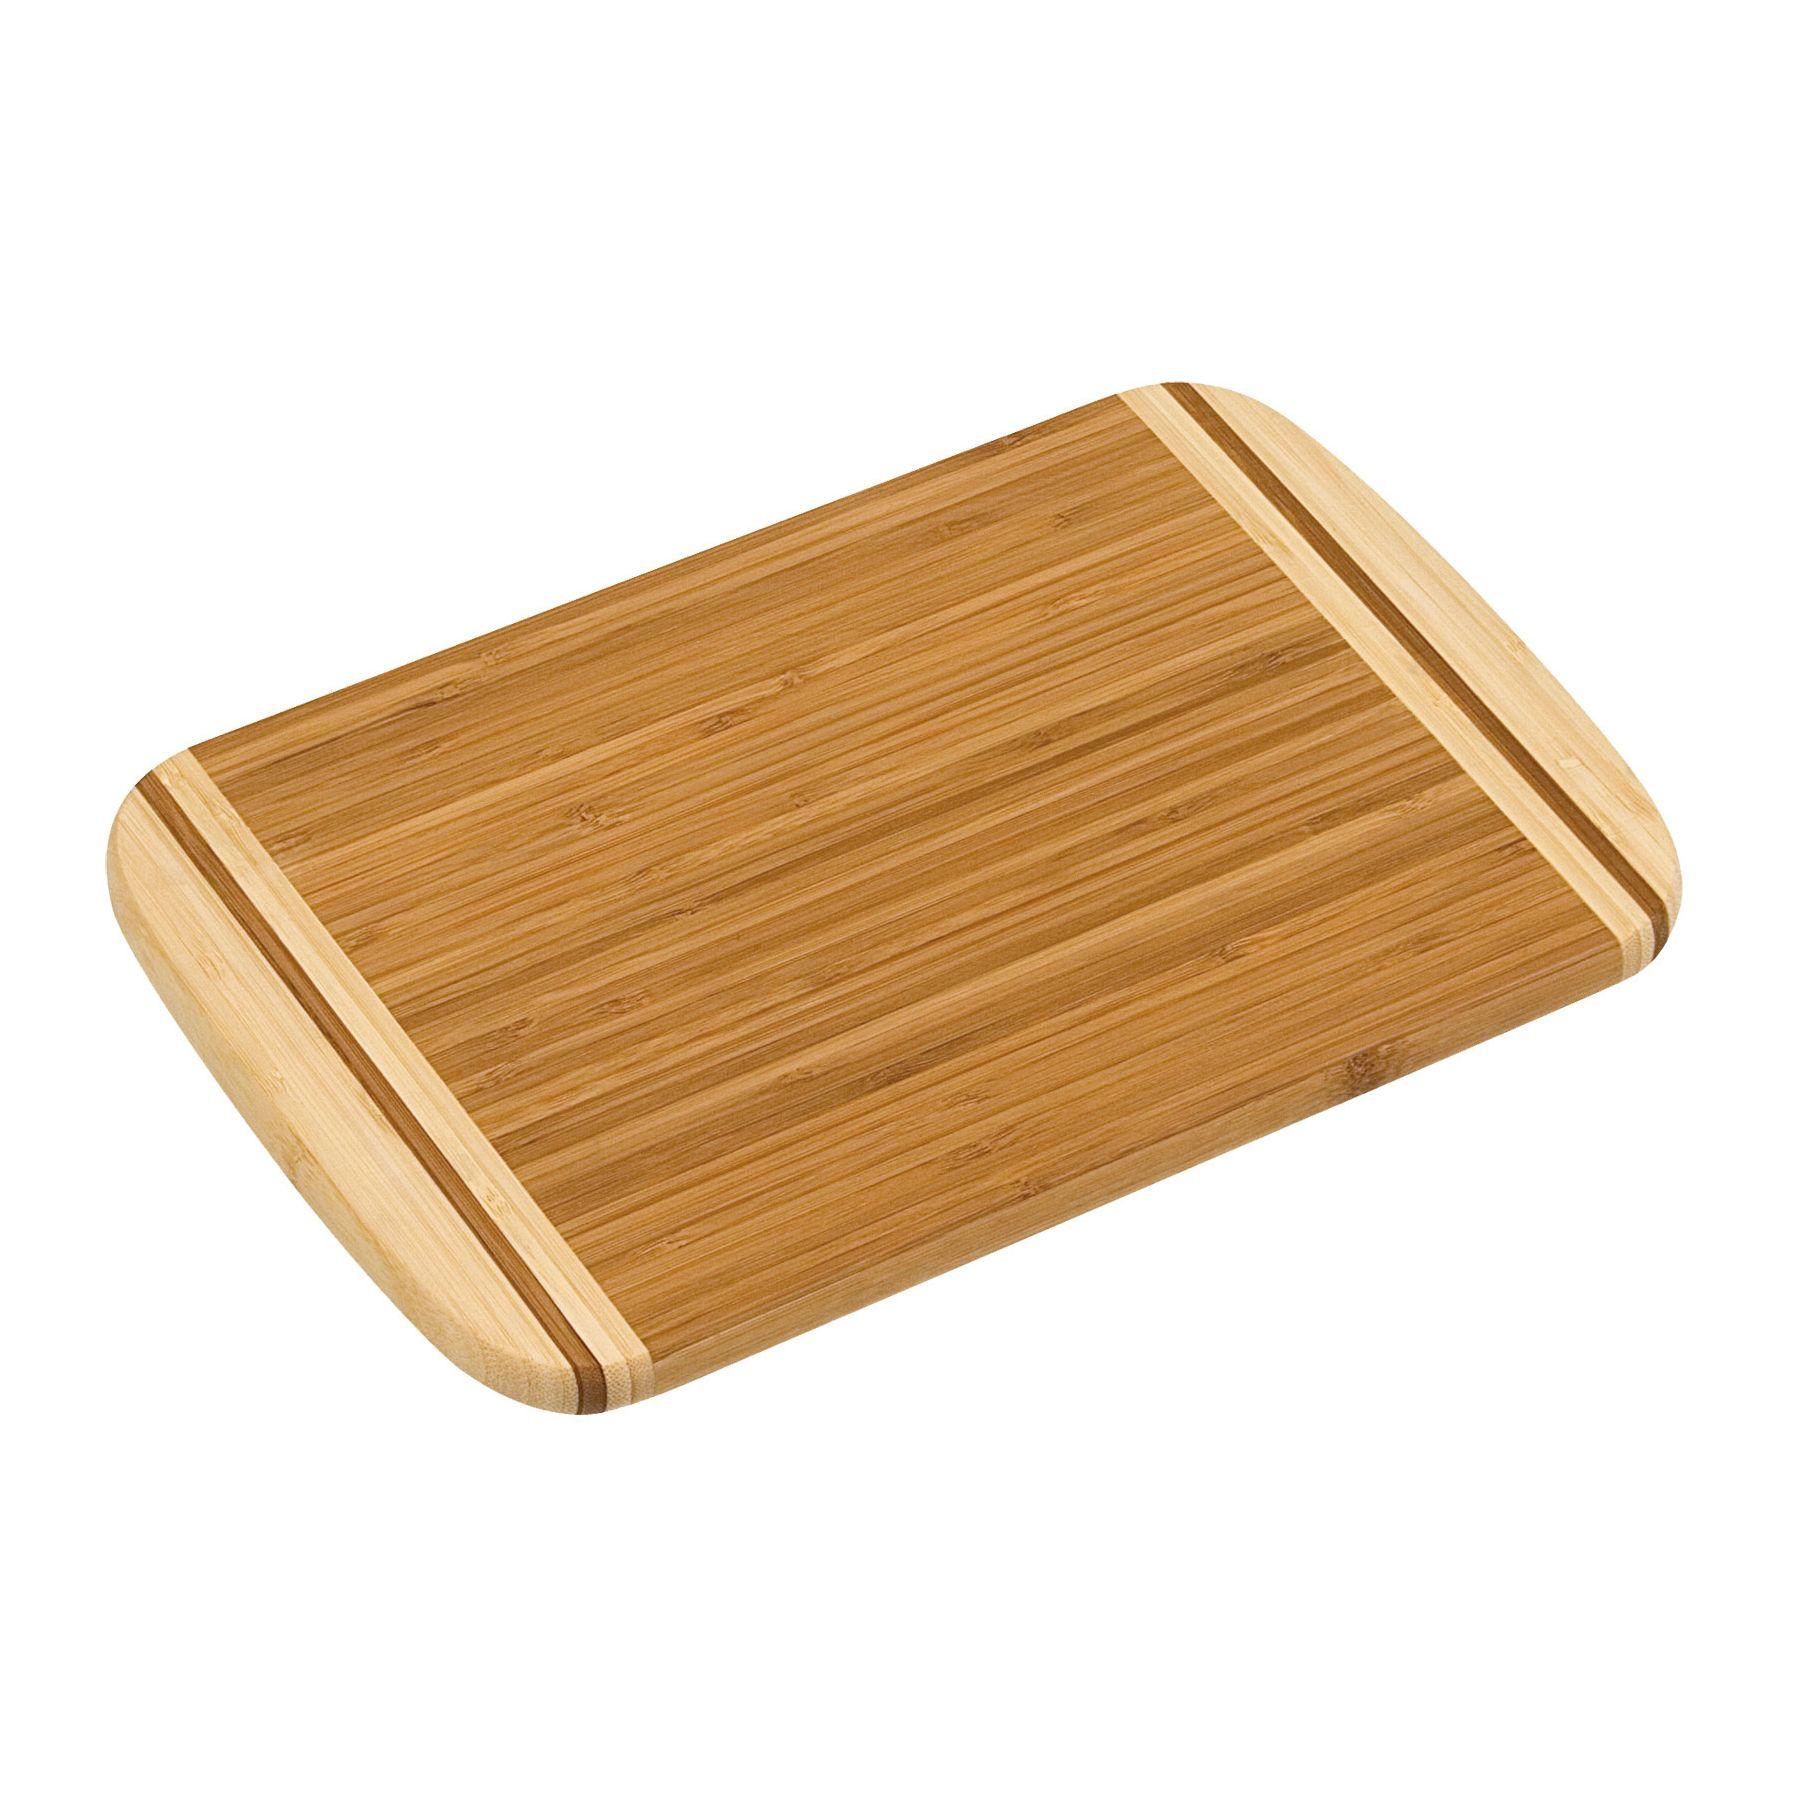 Доска разделочная 30х20х1,6 см., бамбук  5811-0Доска изготовлена их бамбука с вставками из светлого бамбука, что идеально подойдет к любому интерьеру. Бамбук-инновационный материя,идеально подходит для изготовления досок..Доски из бамбука обладают высокой плотностью структуры древесины, а также устойчивы к механическим воздействиям.<br>